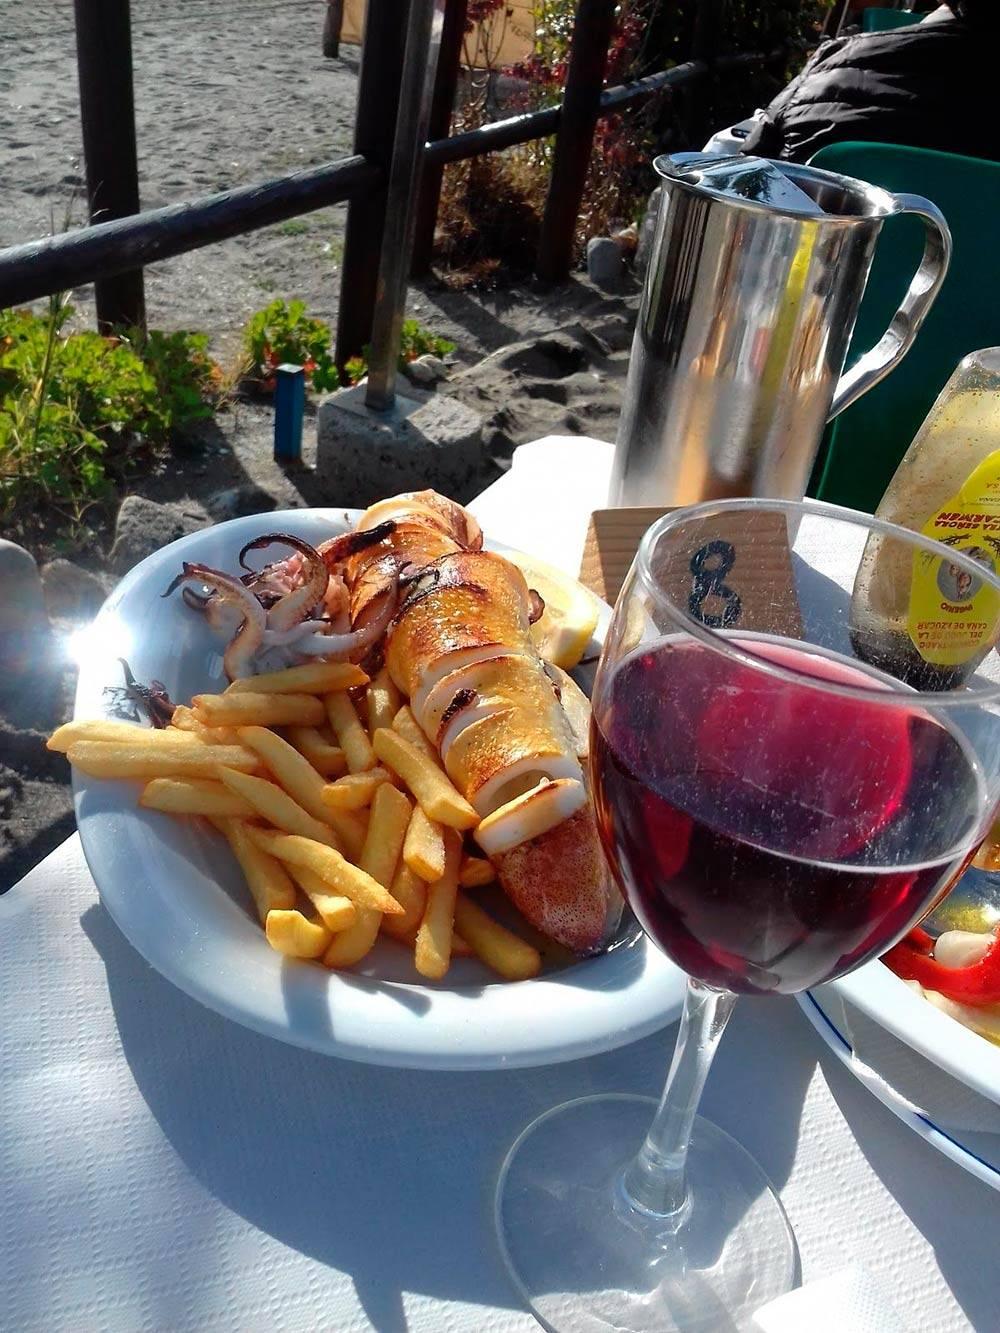 В ресторане на пляже мы заказали кальмара на гриле, картошку и пару бокалов вина. Все это стоило 20€